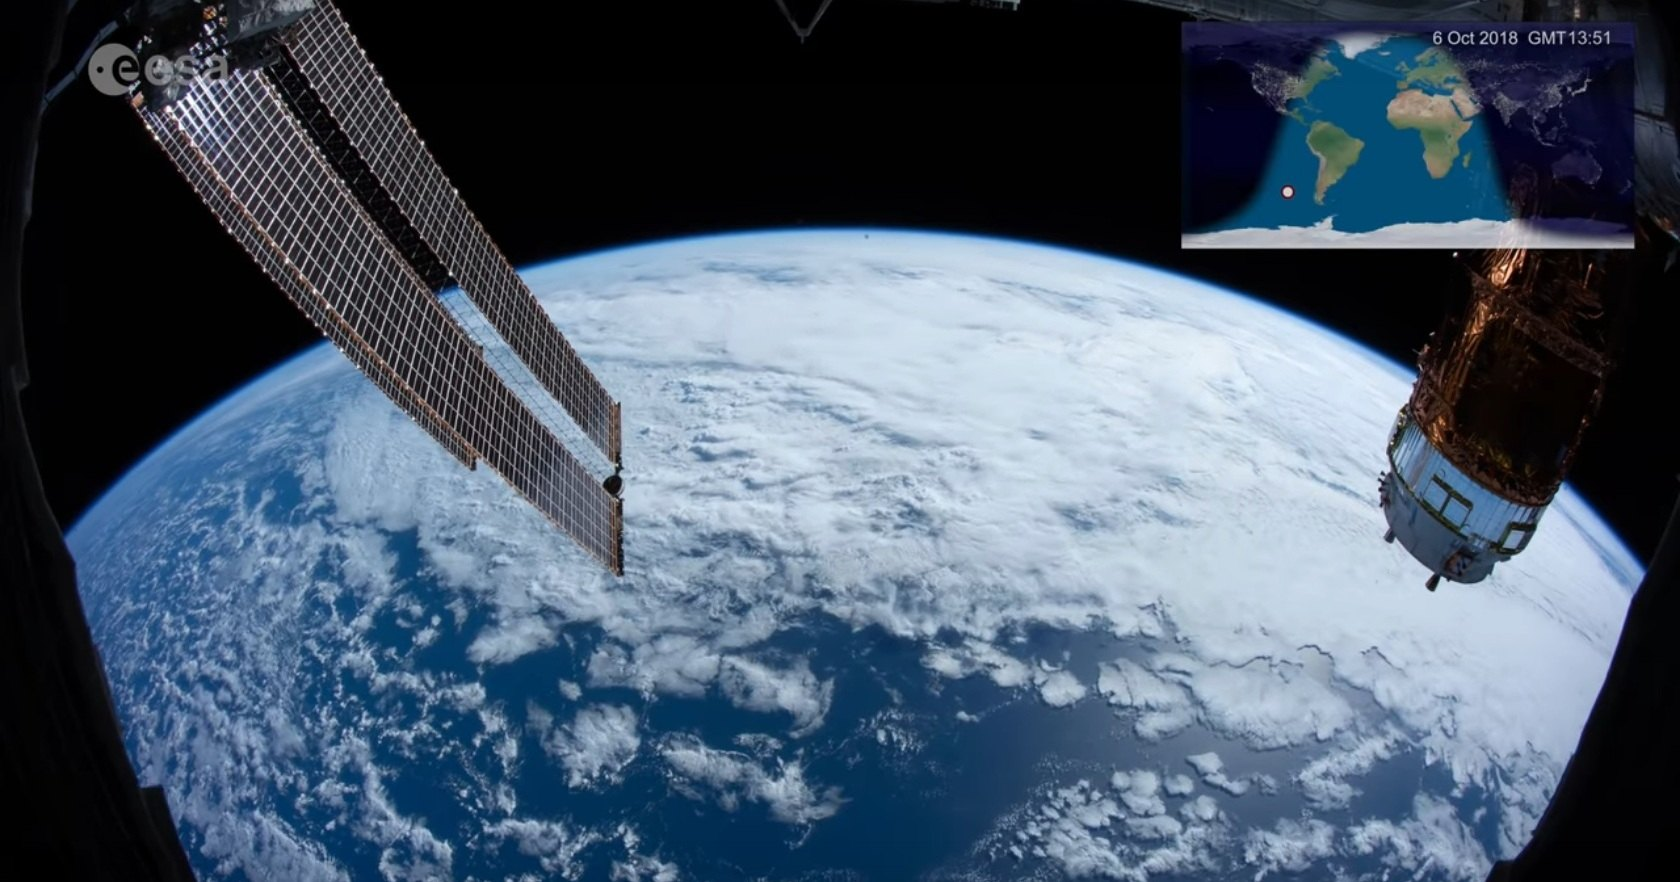 Самый длинный таймлэпс за всю историю МКС